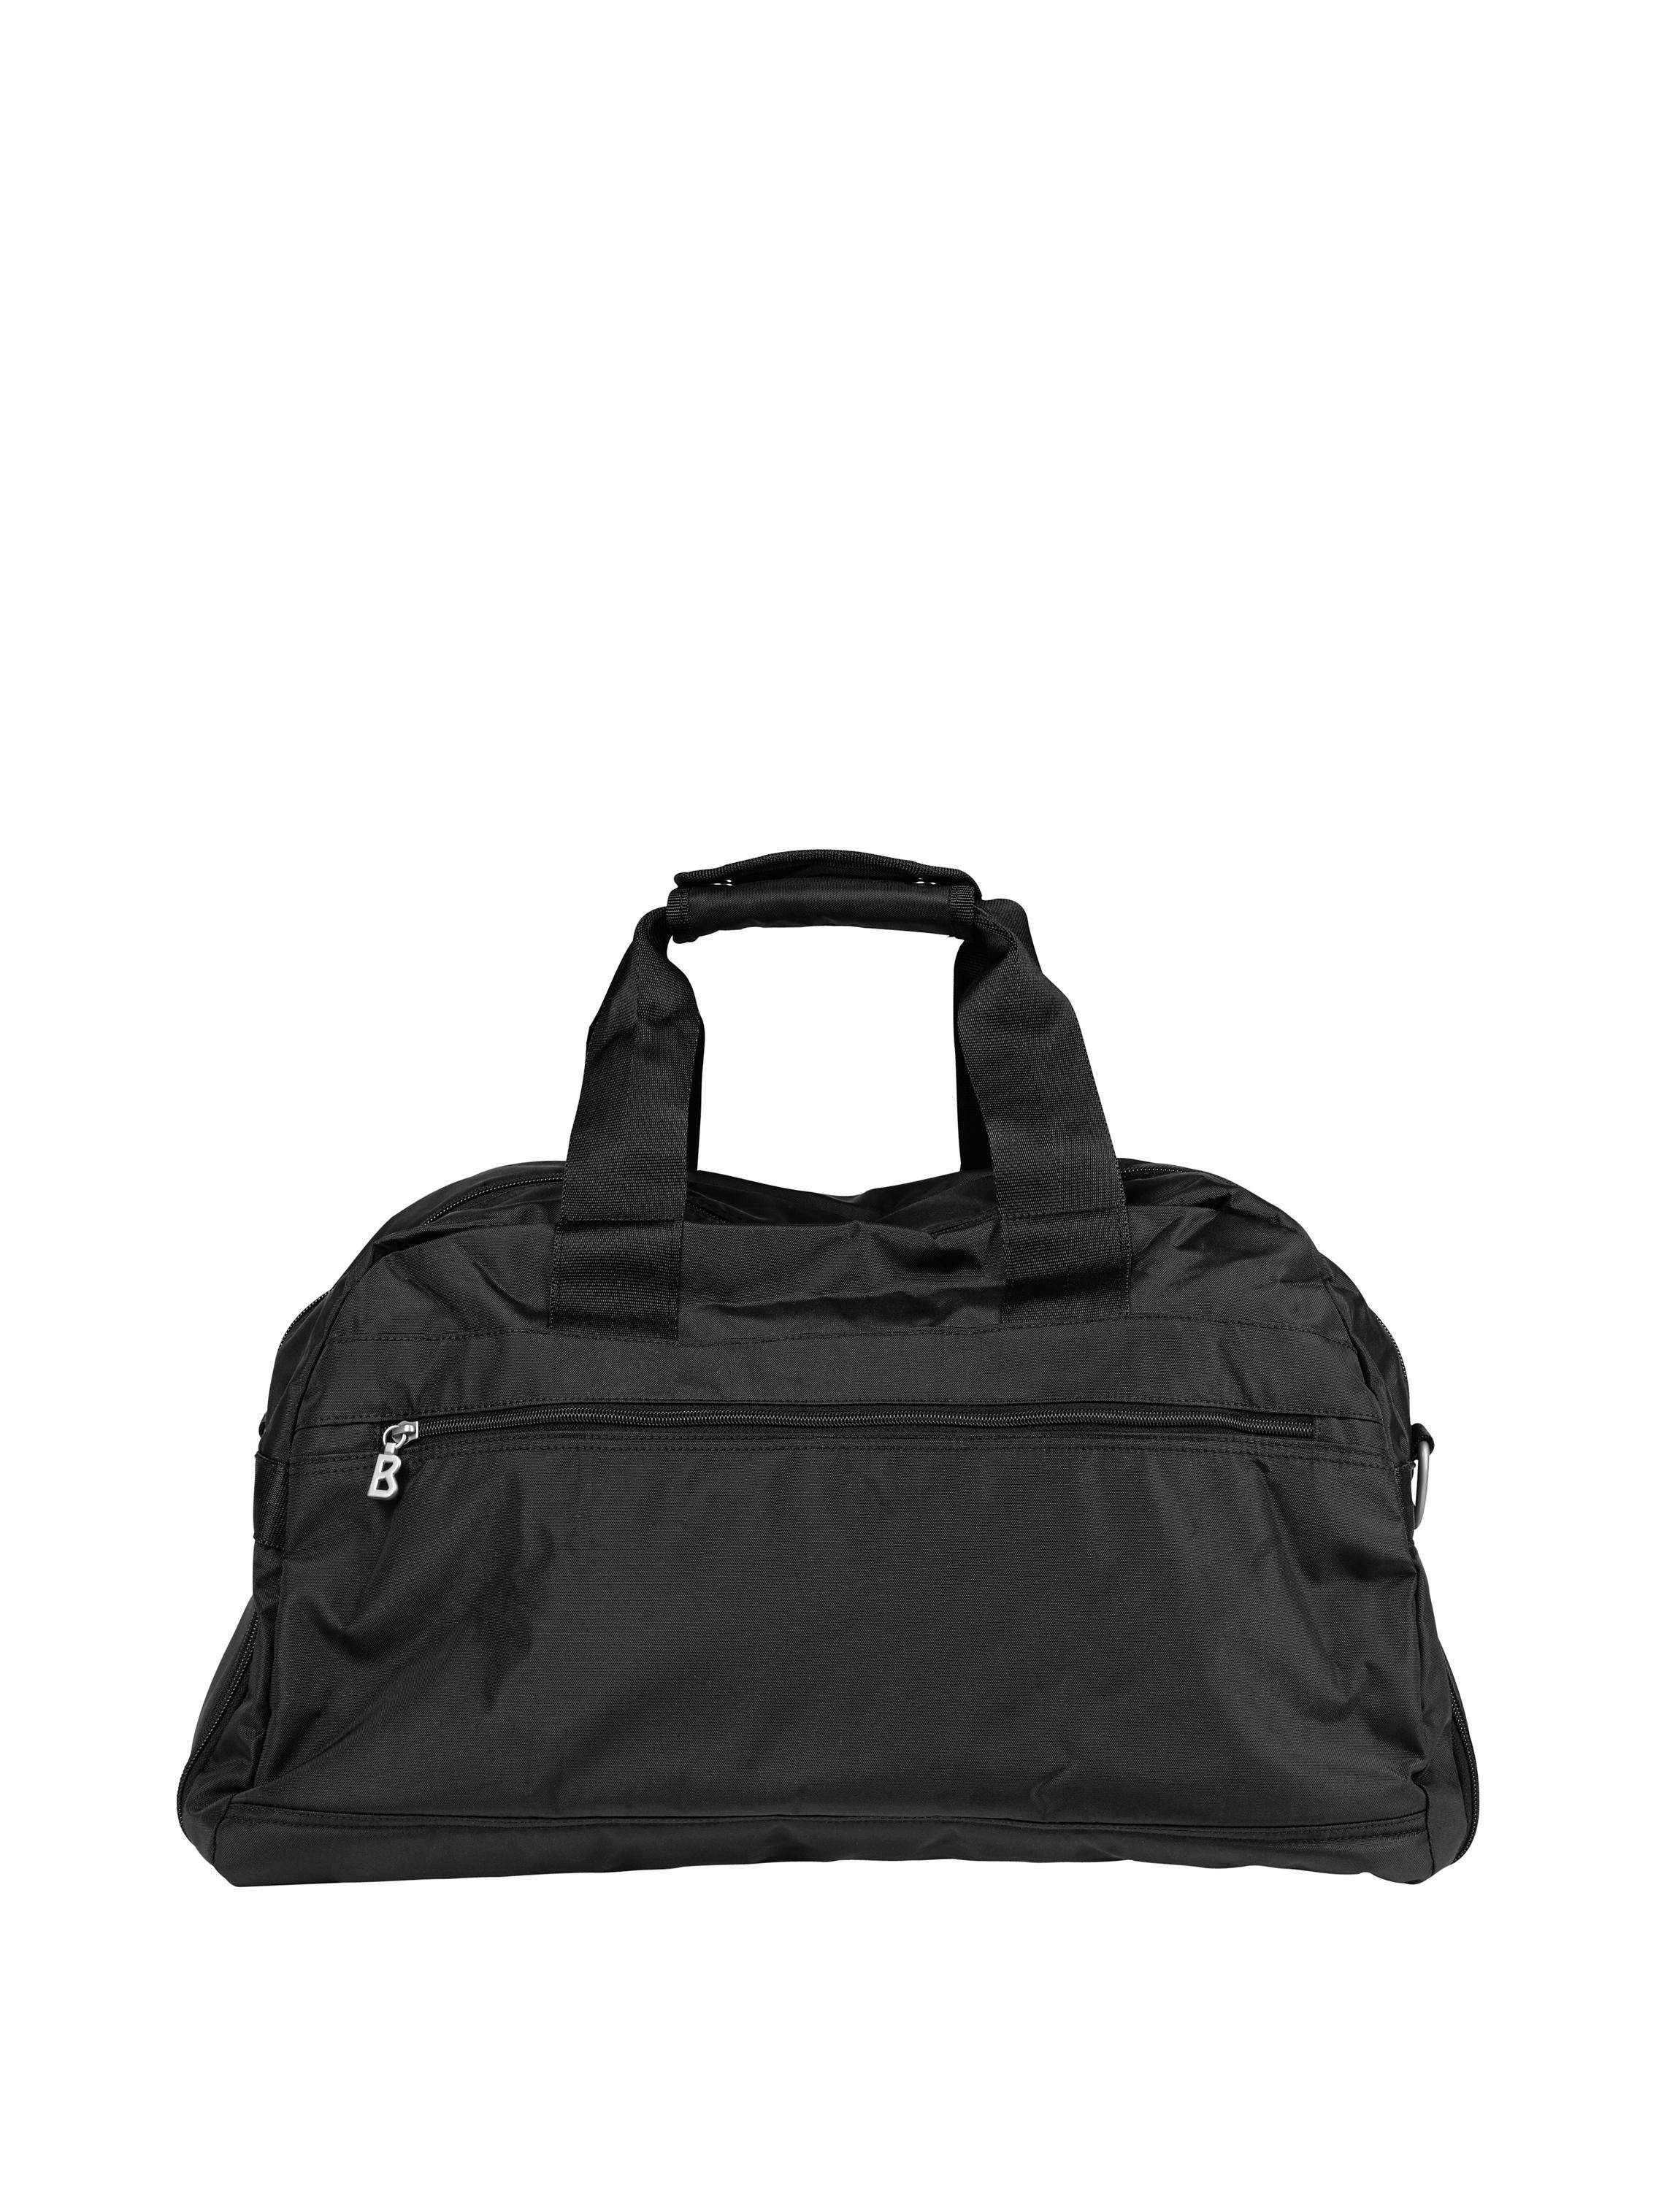 652488e589 Lyst - Bogner Gym Bag Spirit New Fitness in Black for Men